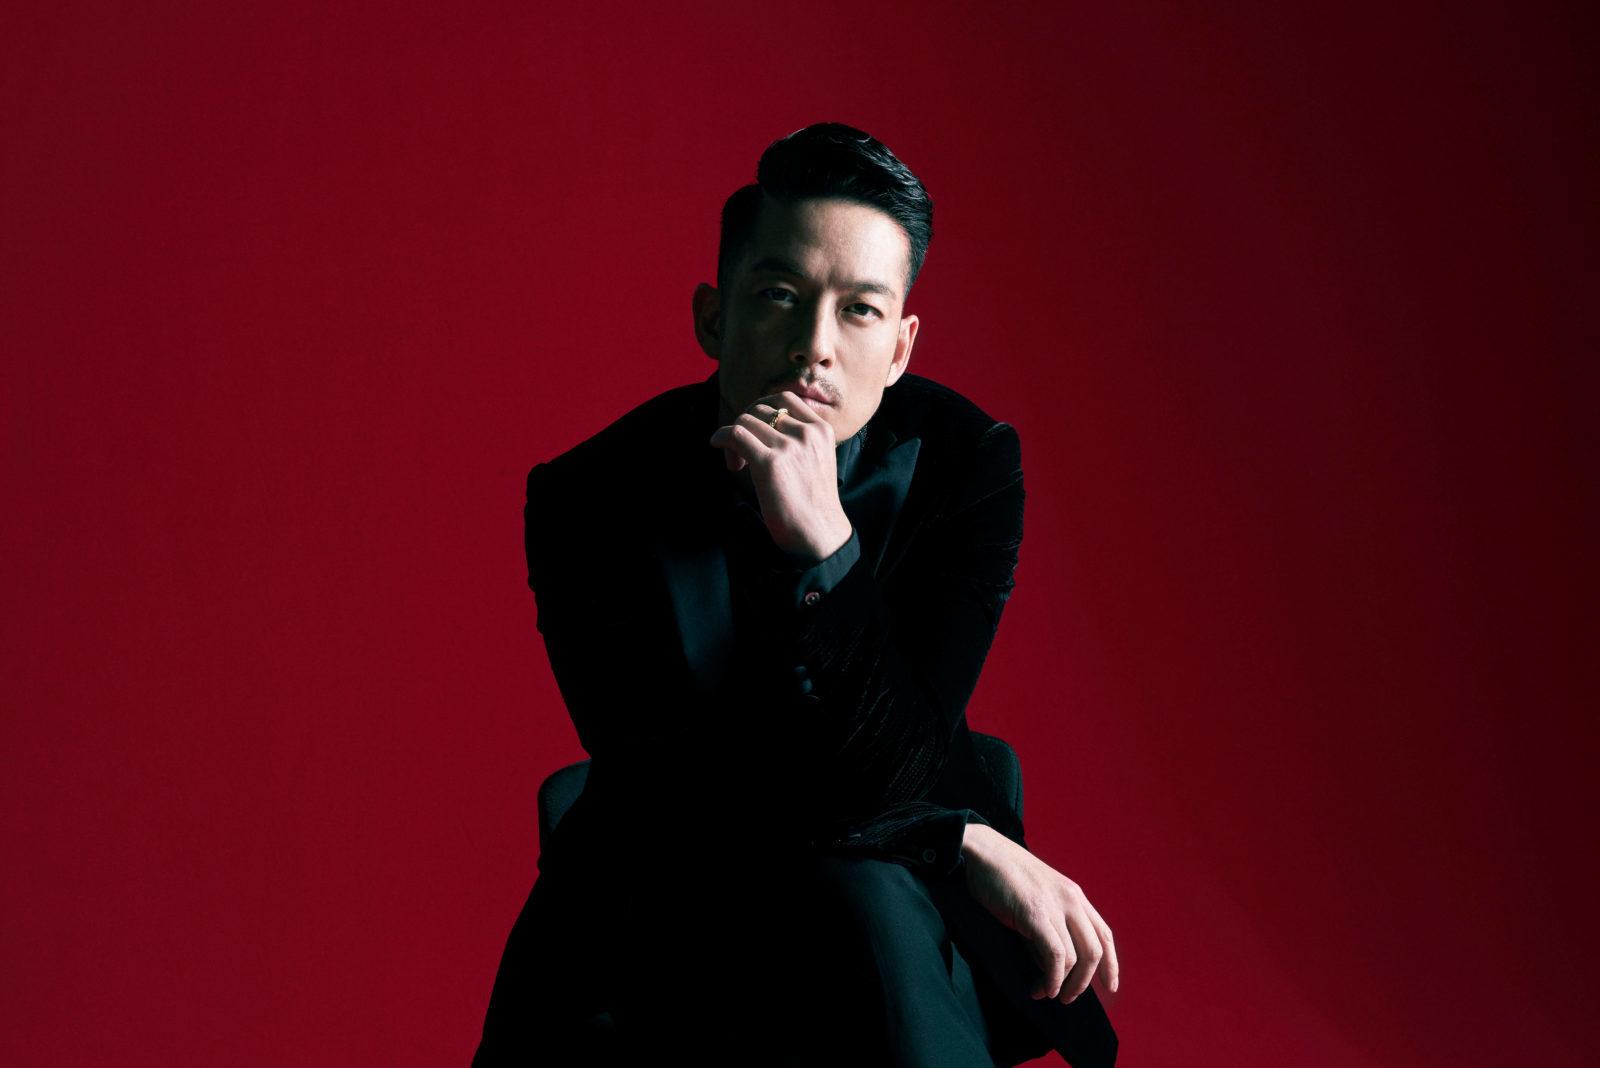 清木場俊介、歌詞注目度ランキングの7割を独占!レゲエに初挑戦した「虹色の朝」もランクインサムネイル画像